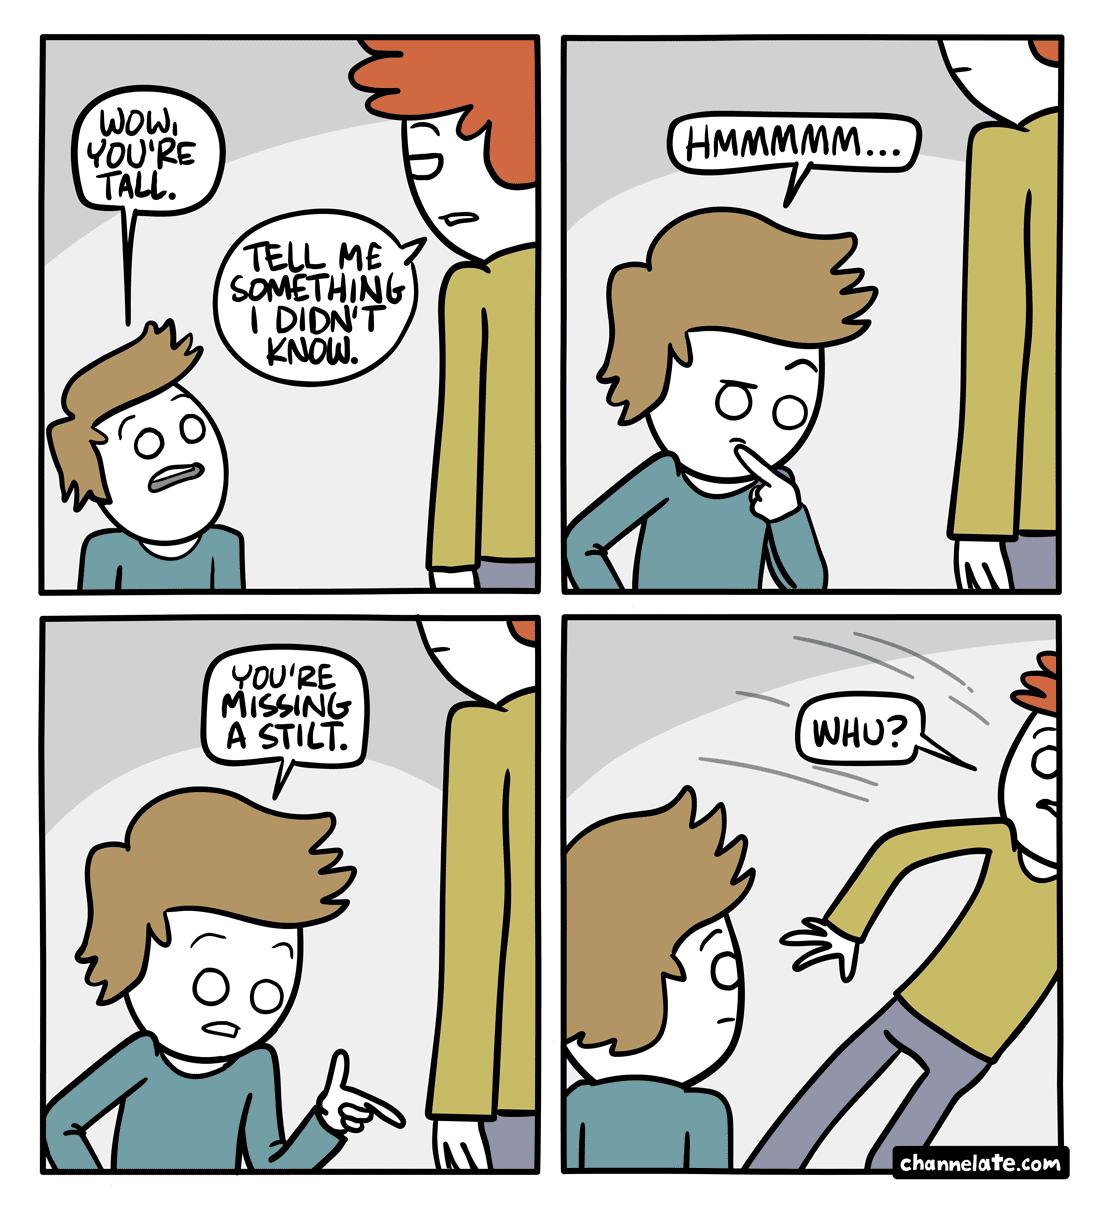 Tall.